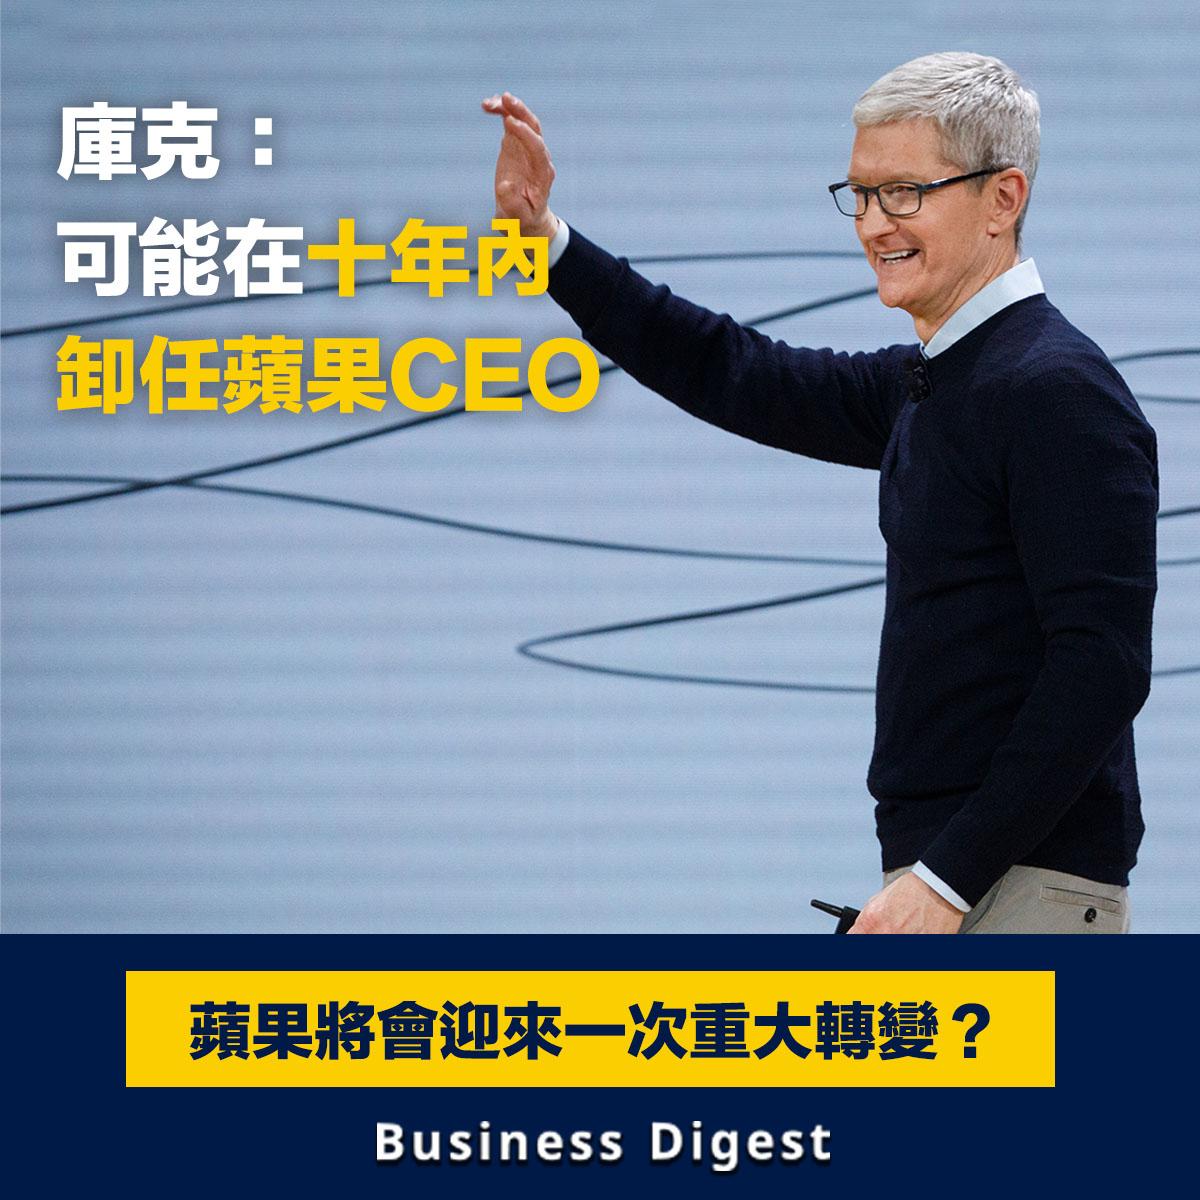 庫克在接受紐約時報記者Kara Swisher訪中透露,他可能在10年內卸任蘋果CEO一職。